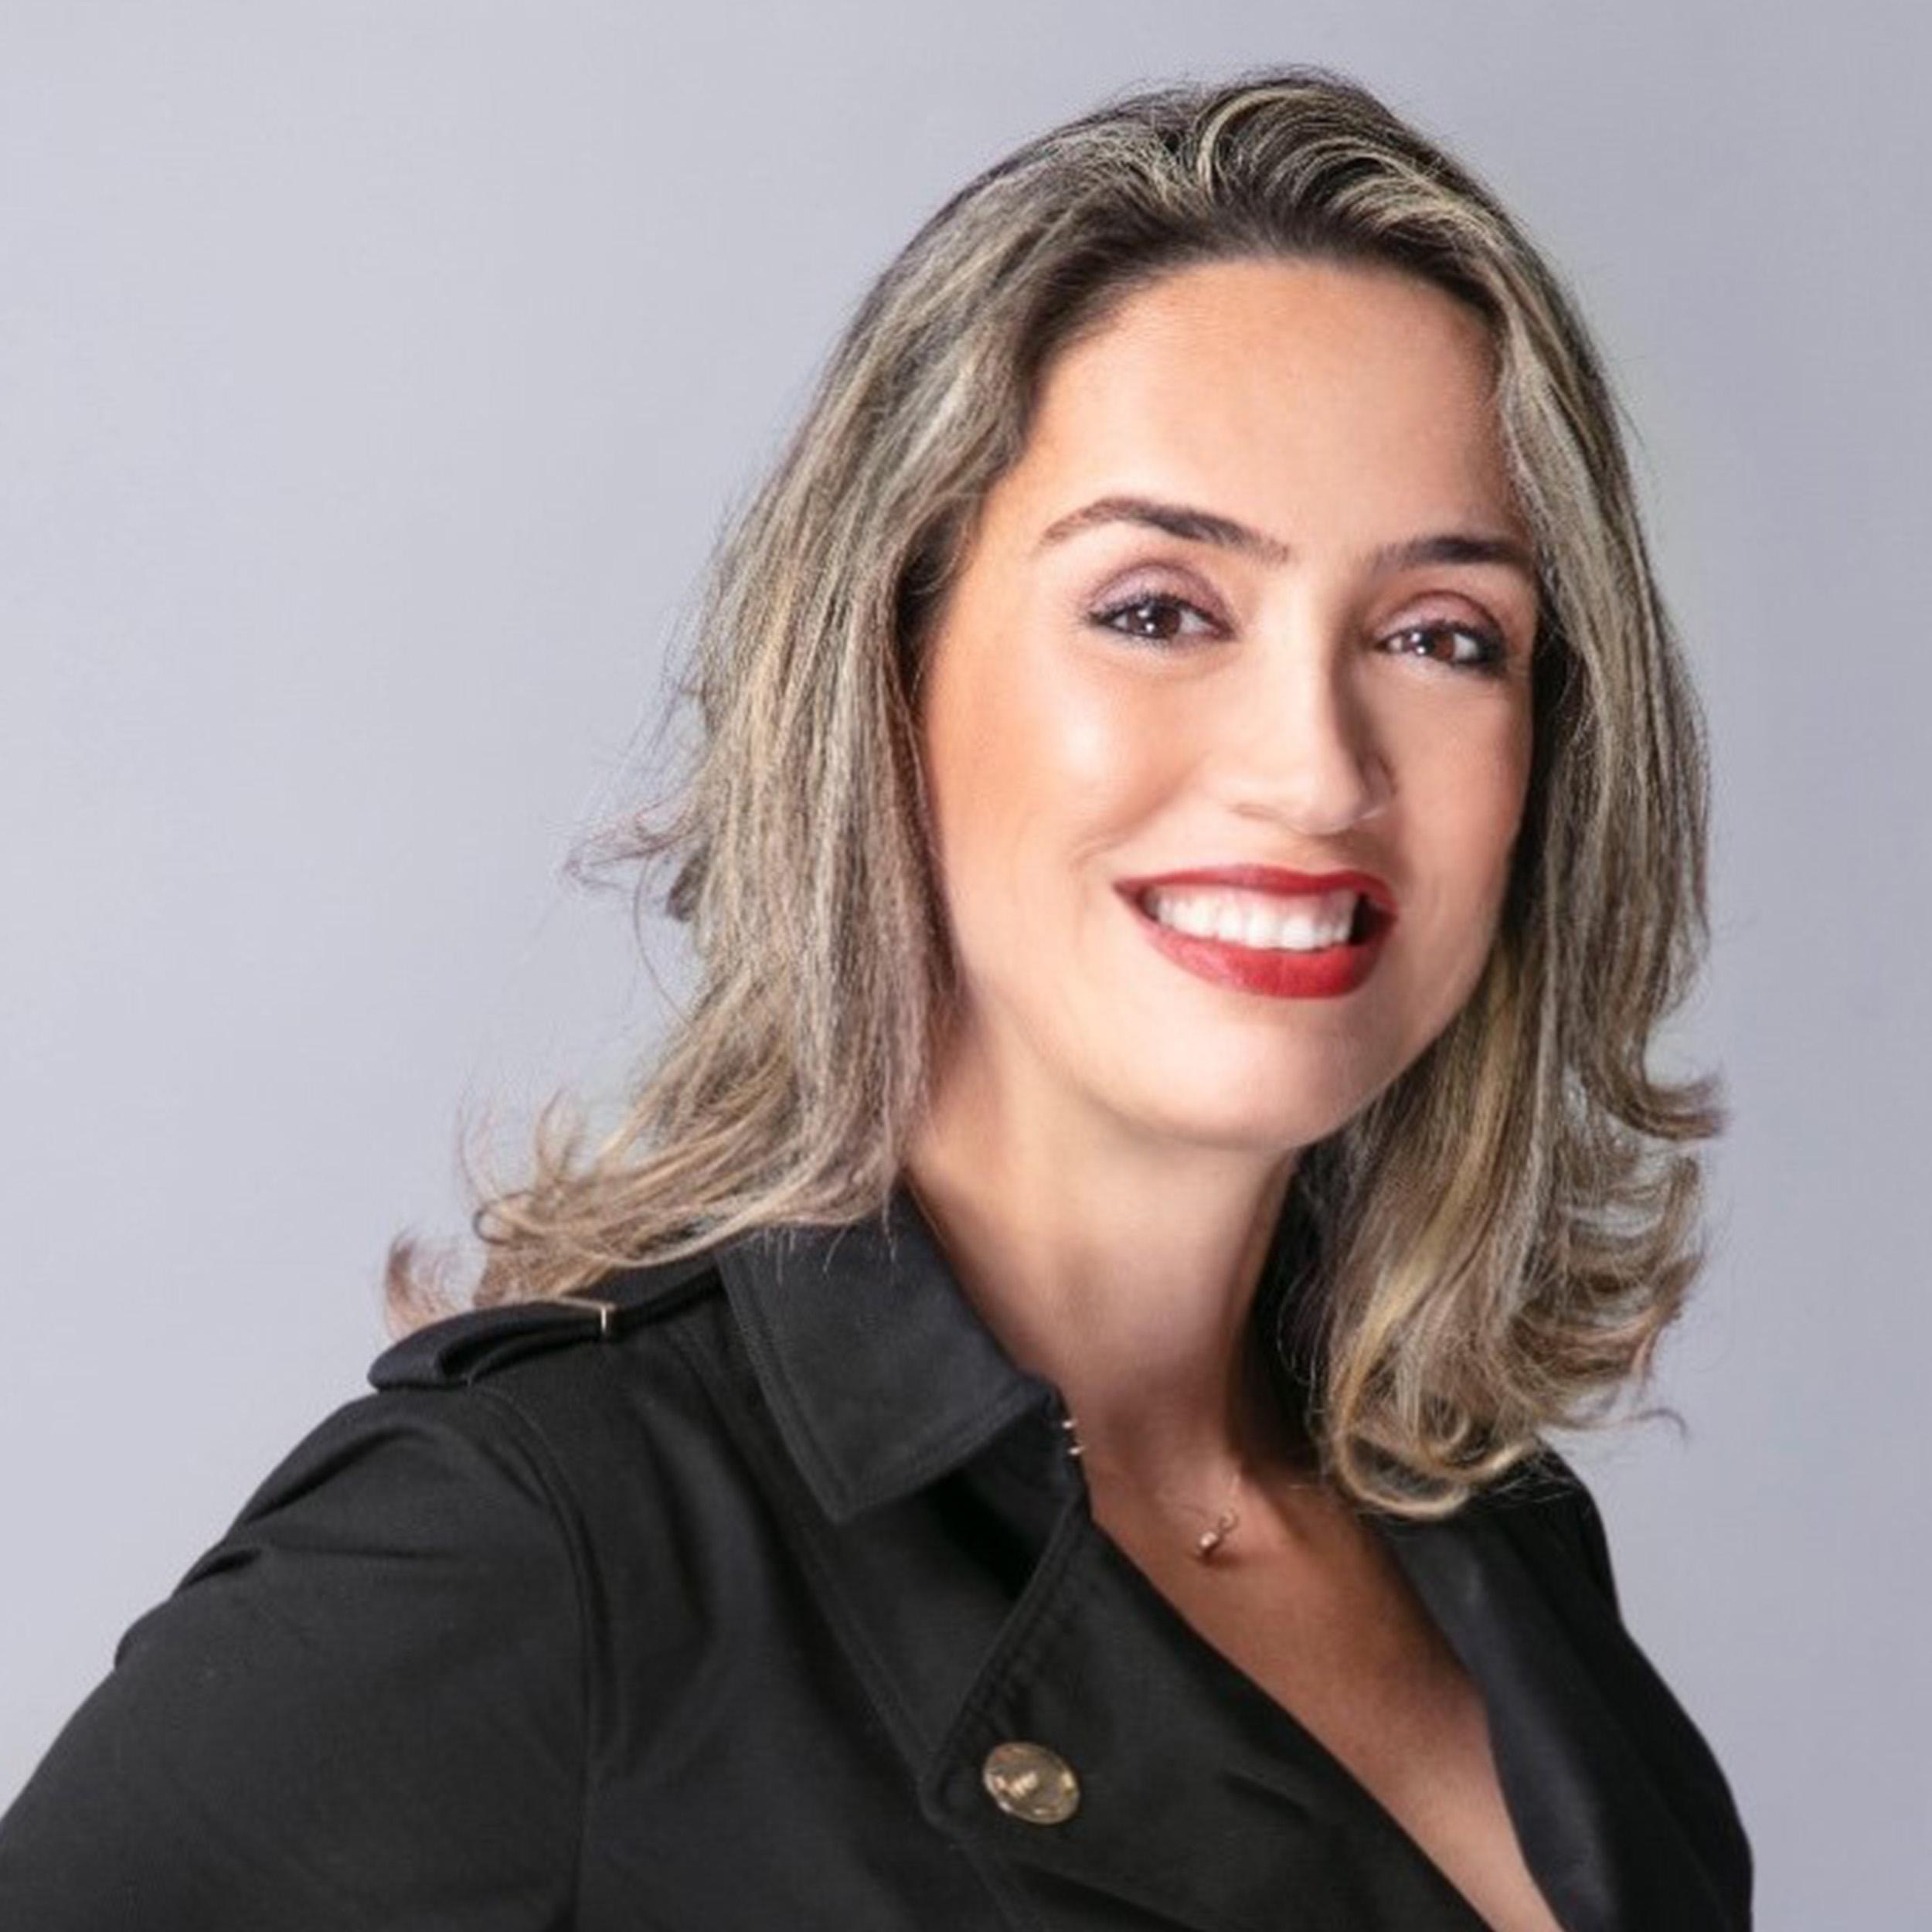 Maria Velez